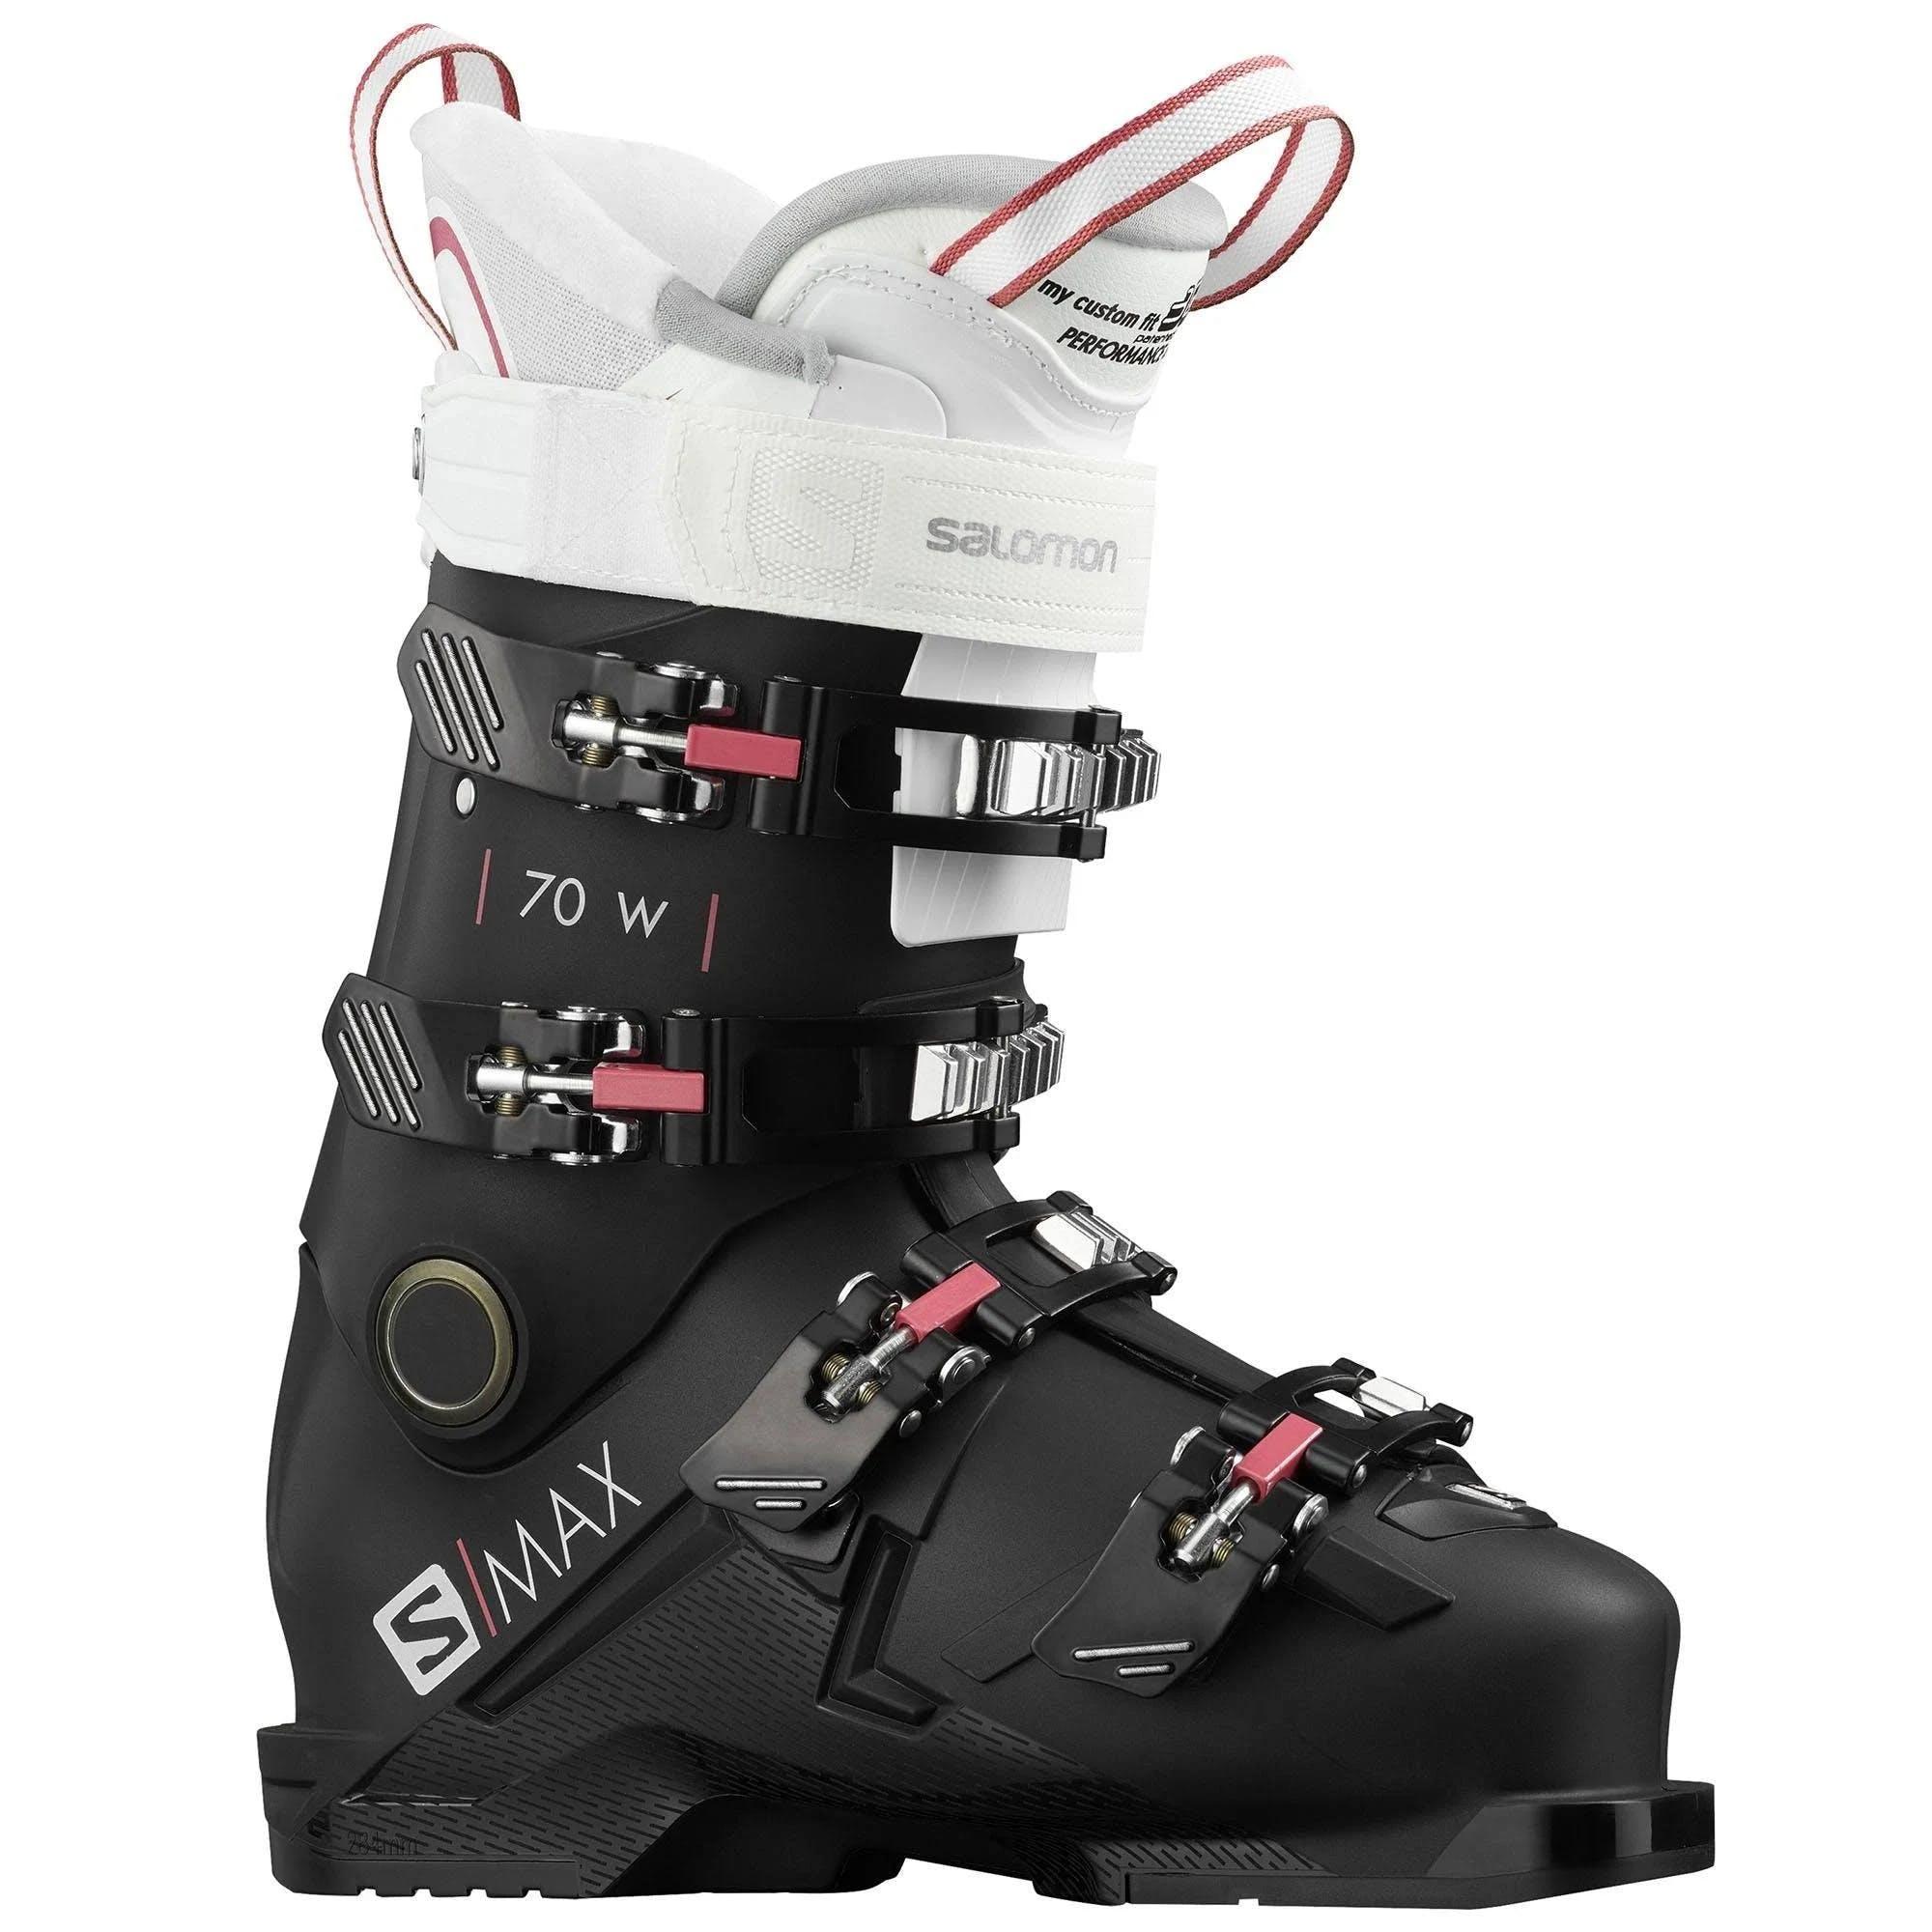 Salomon S/max 70 Ski Boots